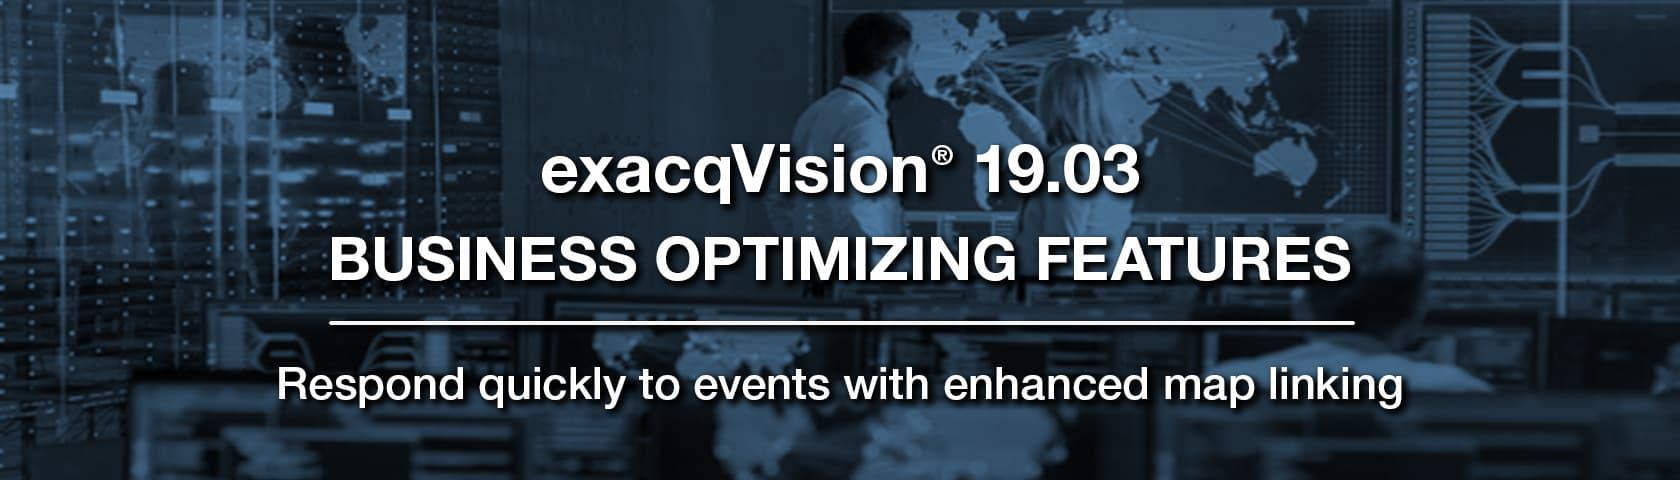 exacqVision 19.03